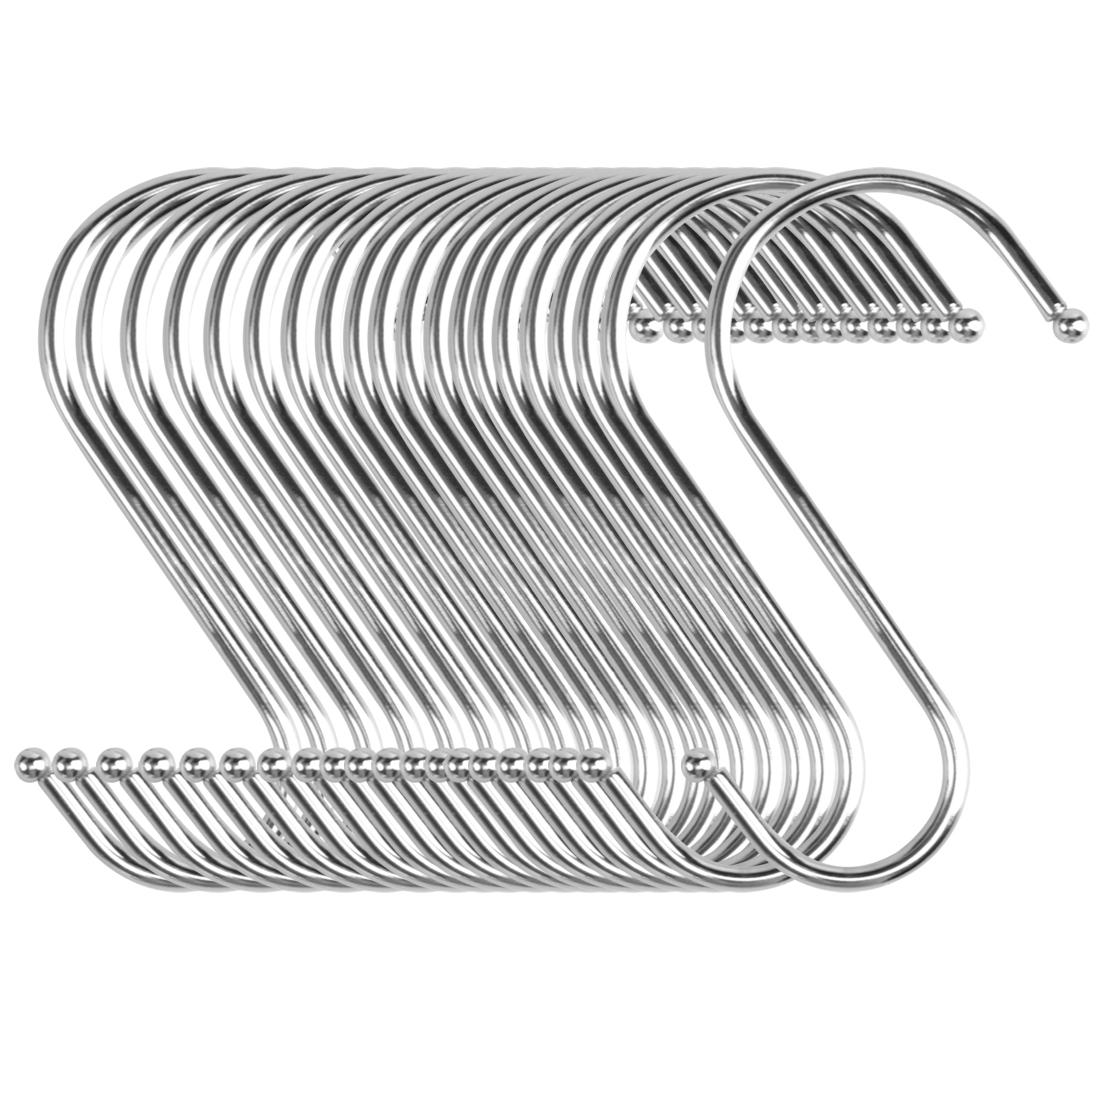 20pcs S Shaped Hook Stainless Steel for Kitchen Hat Utensil Pot Holder